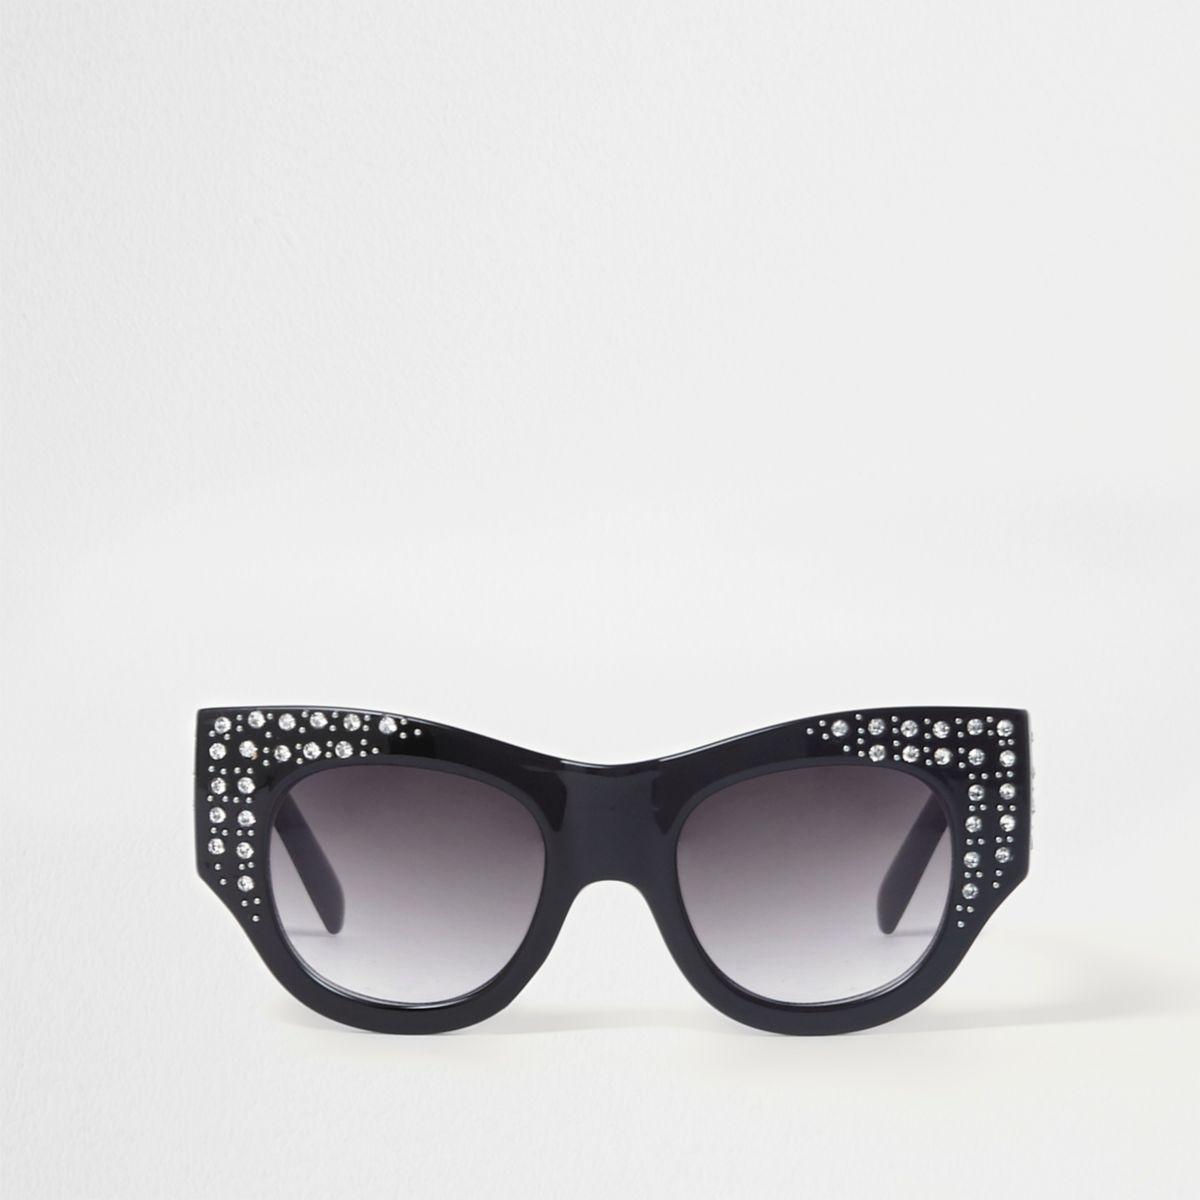 Zwarte verfraaide glamoureuze zonnebril met diamantjes